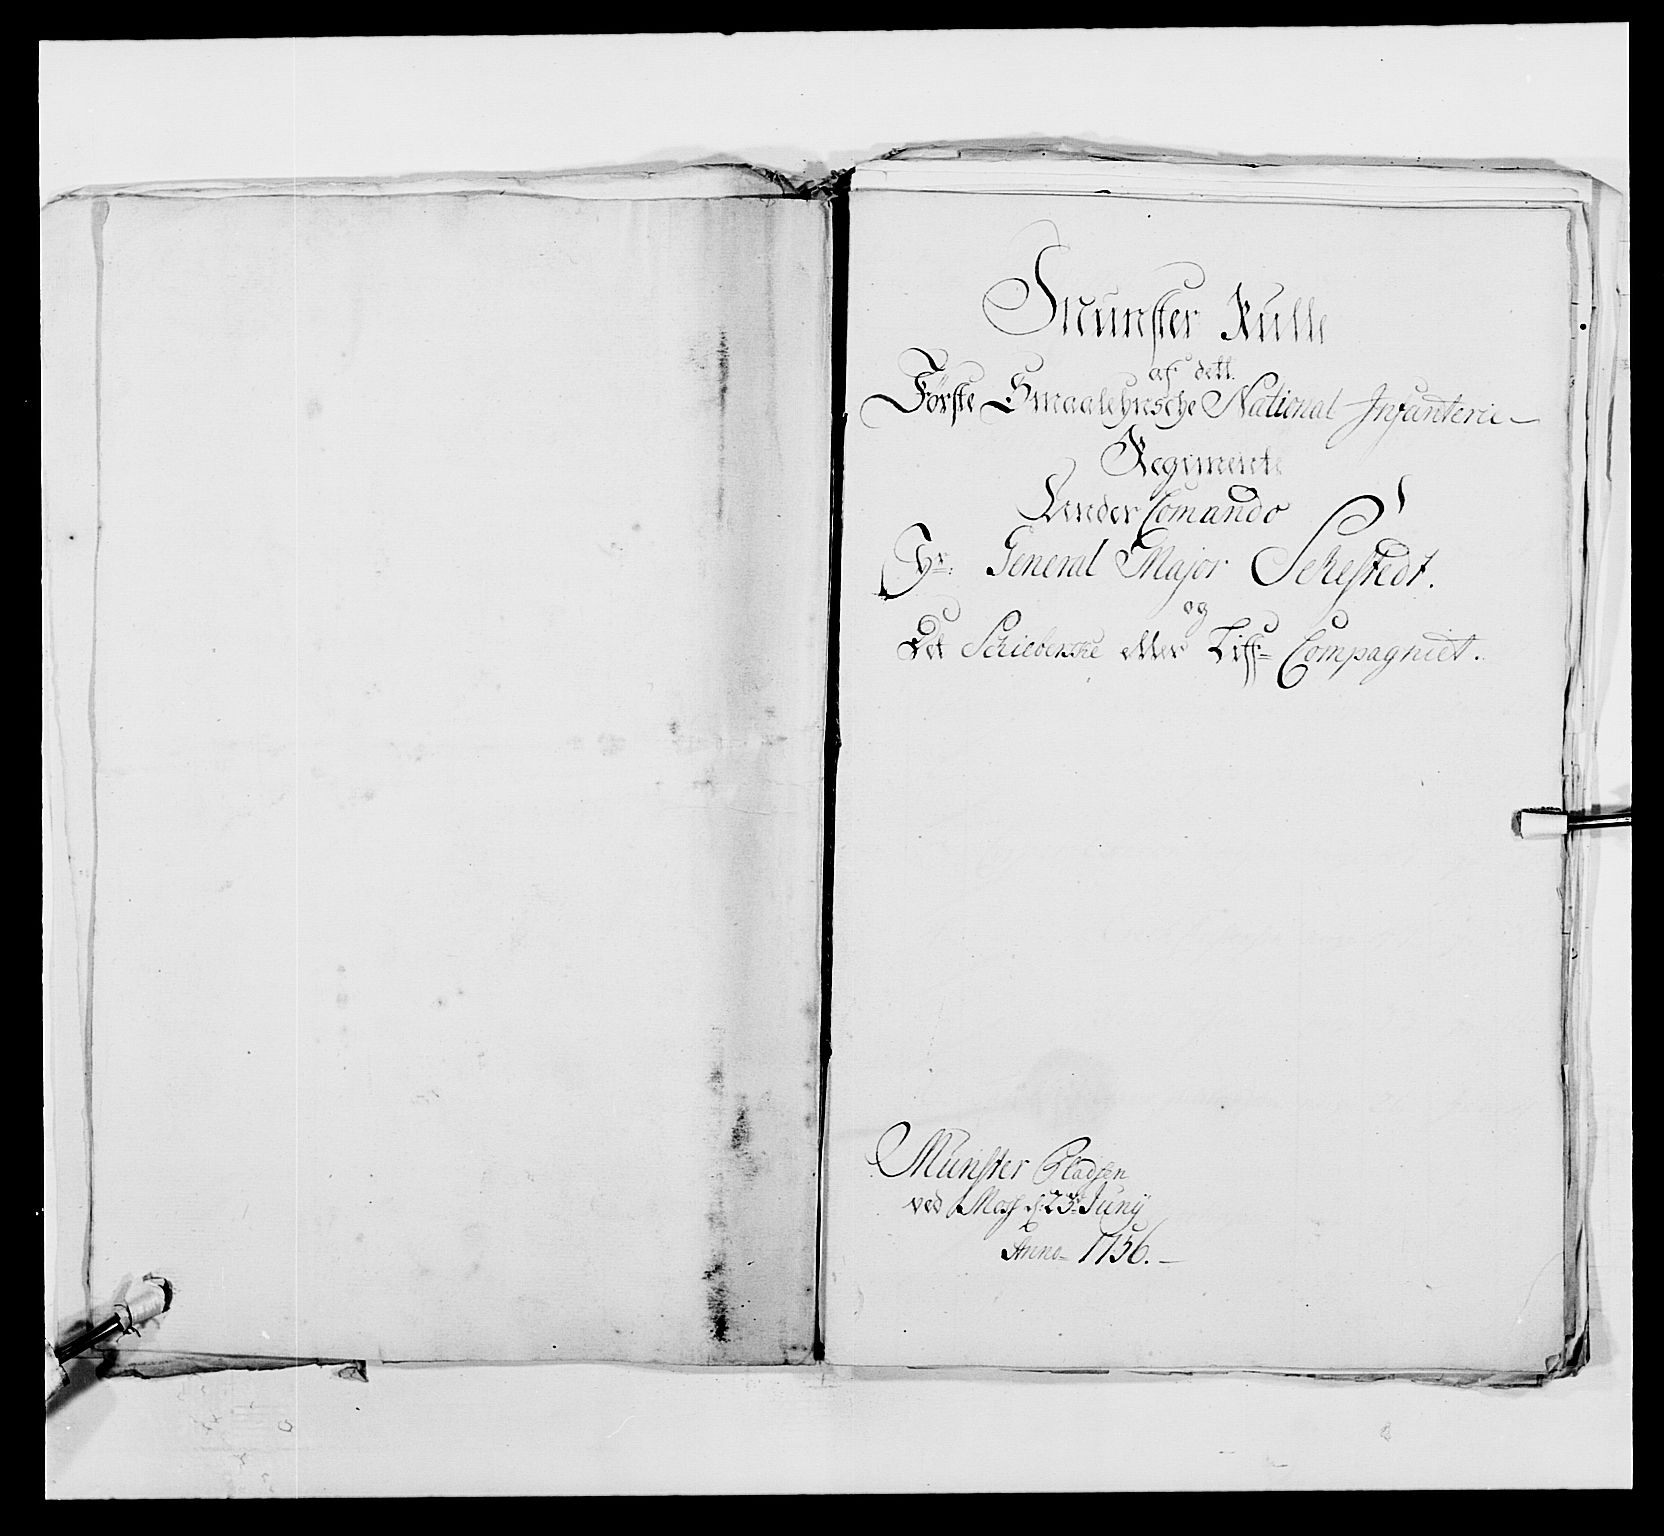 RA, Kommanderende general (KG I) med Det norske krigsdirektorium, E/Ea/L0495: 1. Smålenske regiment, 1732-1763, s. 599